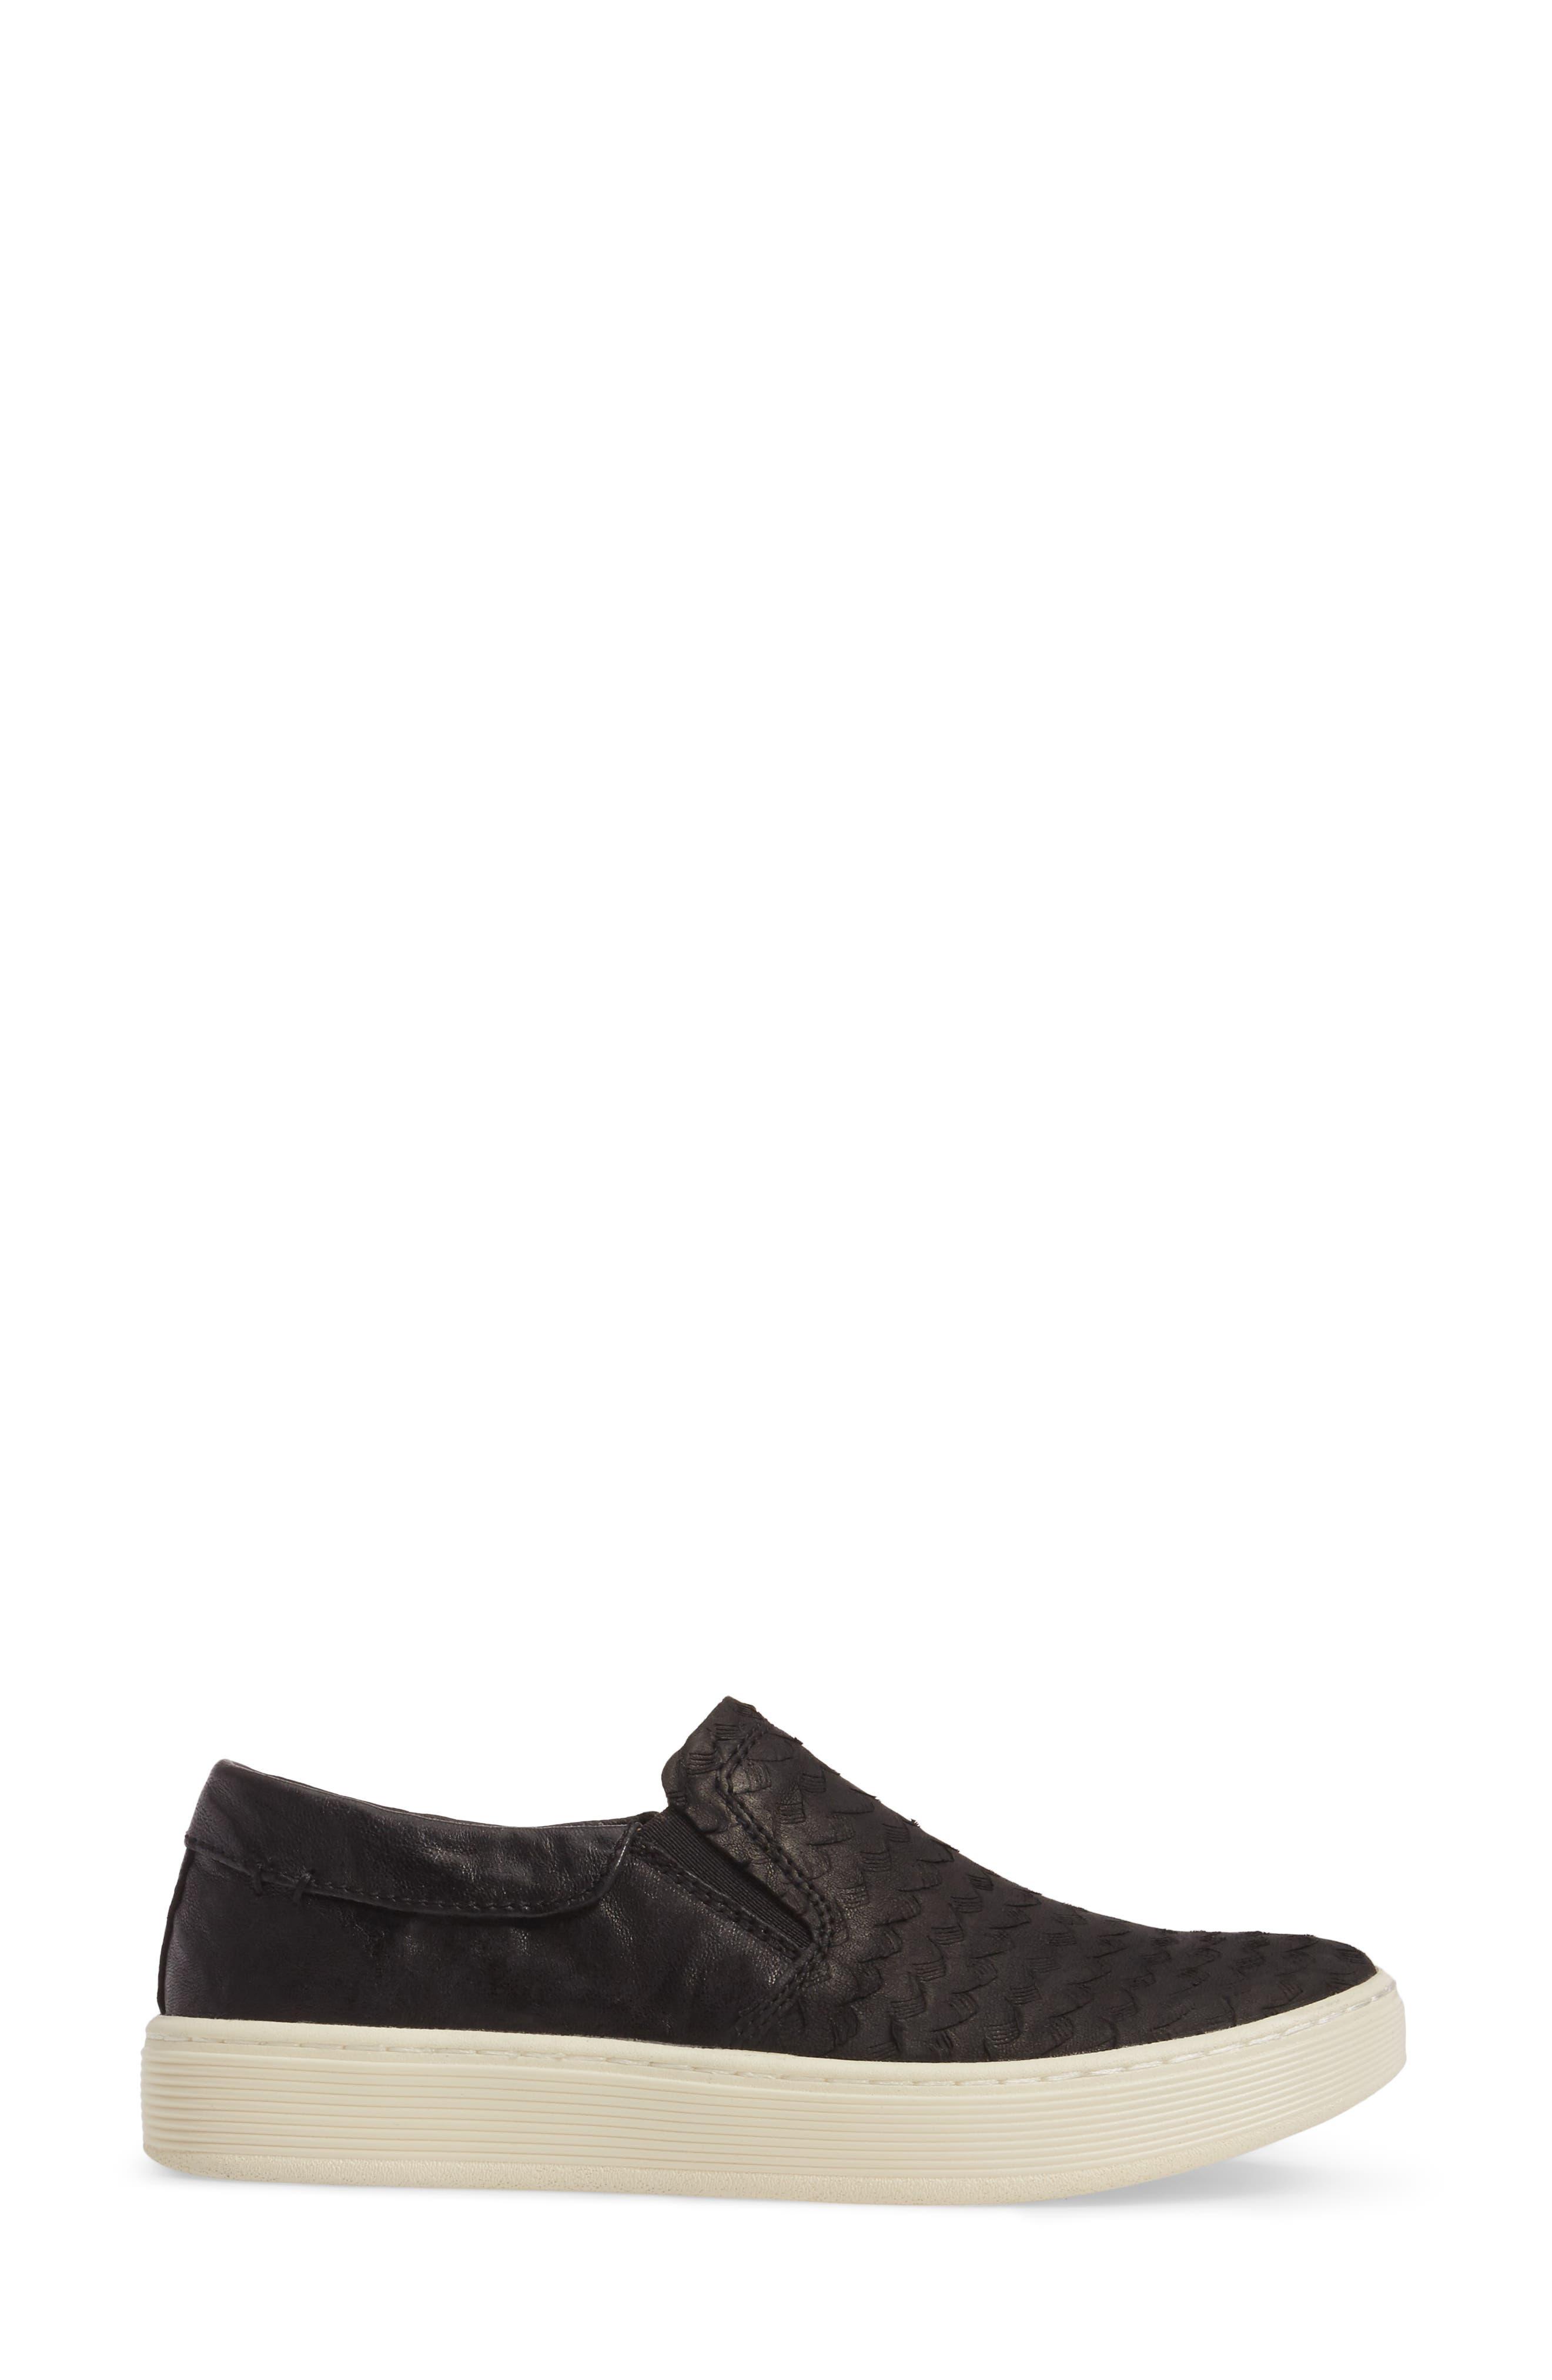 Somers II Slip-on Sneaker,                             Alternate thumbnail 3, color,                             002